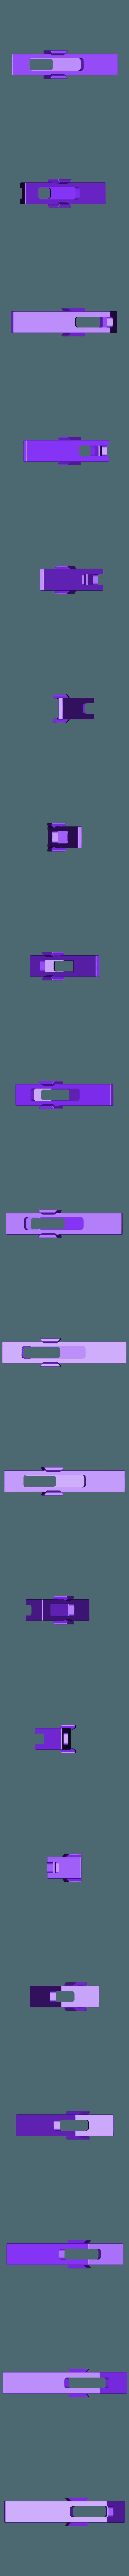 SoporteTecladoMac_2.stl Télécharger fichier STL gratuit Support de clavier IMac empilable • Modèle pour imprimante 3D, dancingchicken